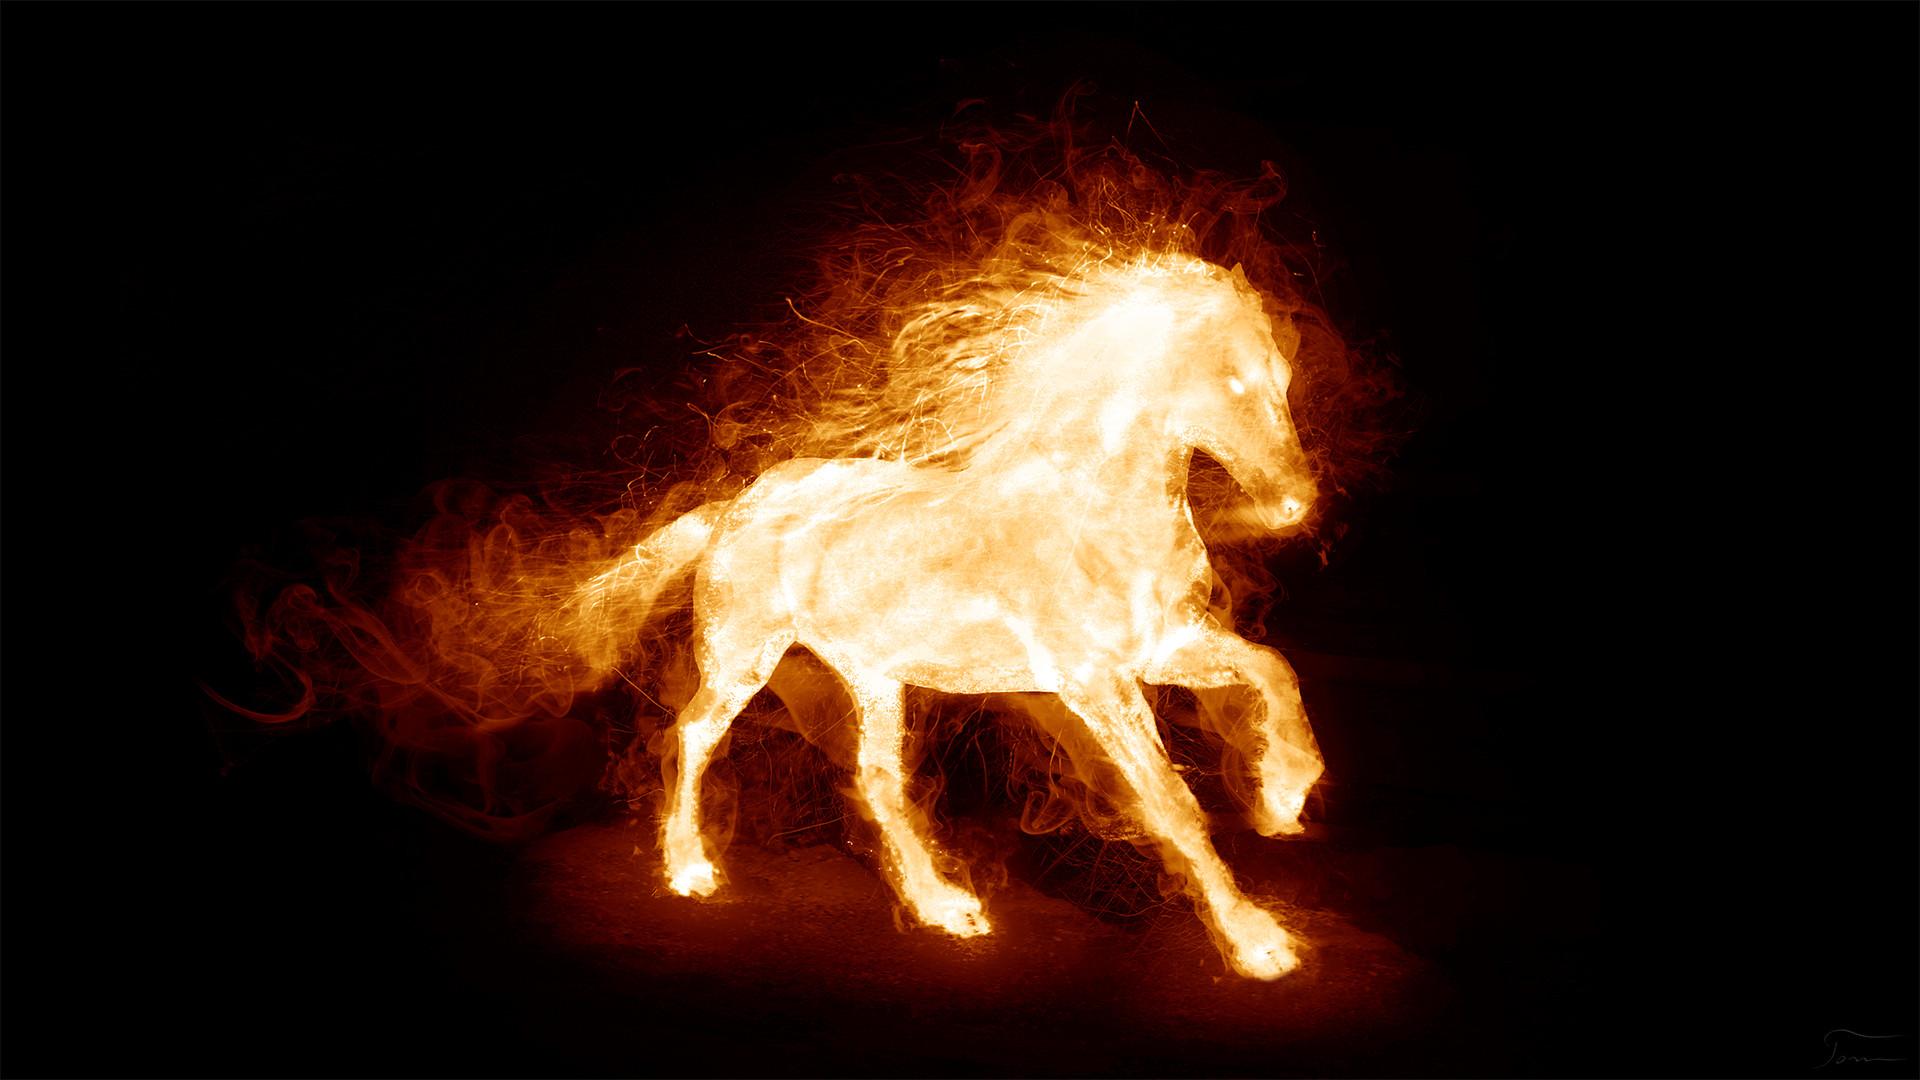 3840x2160 3840x2160 Wallpaper Horse, Jump, Light, Fire